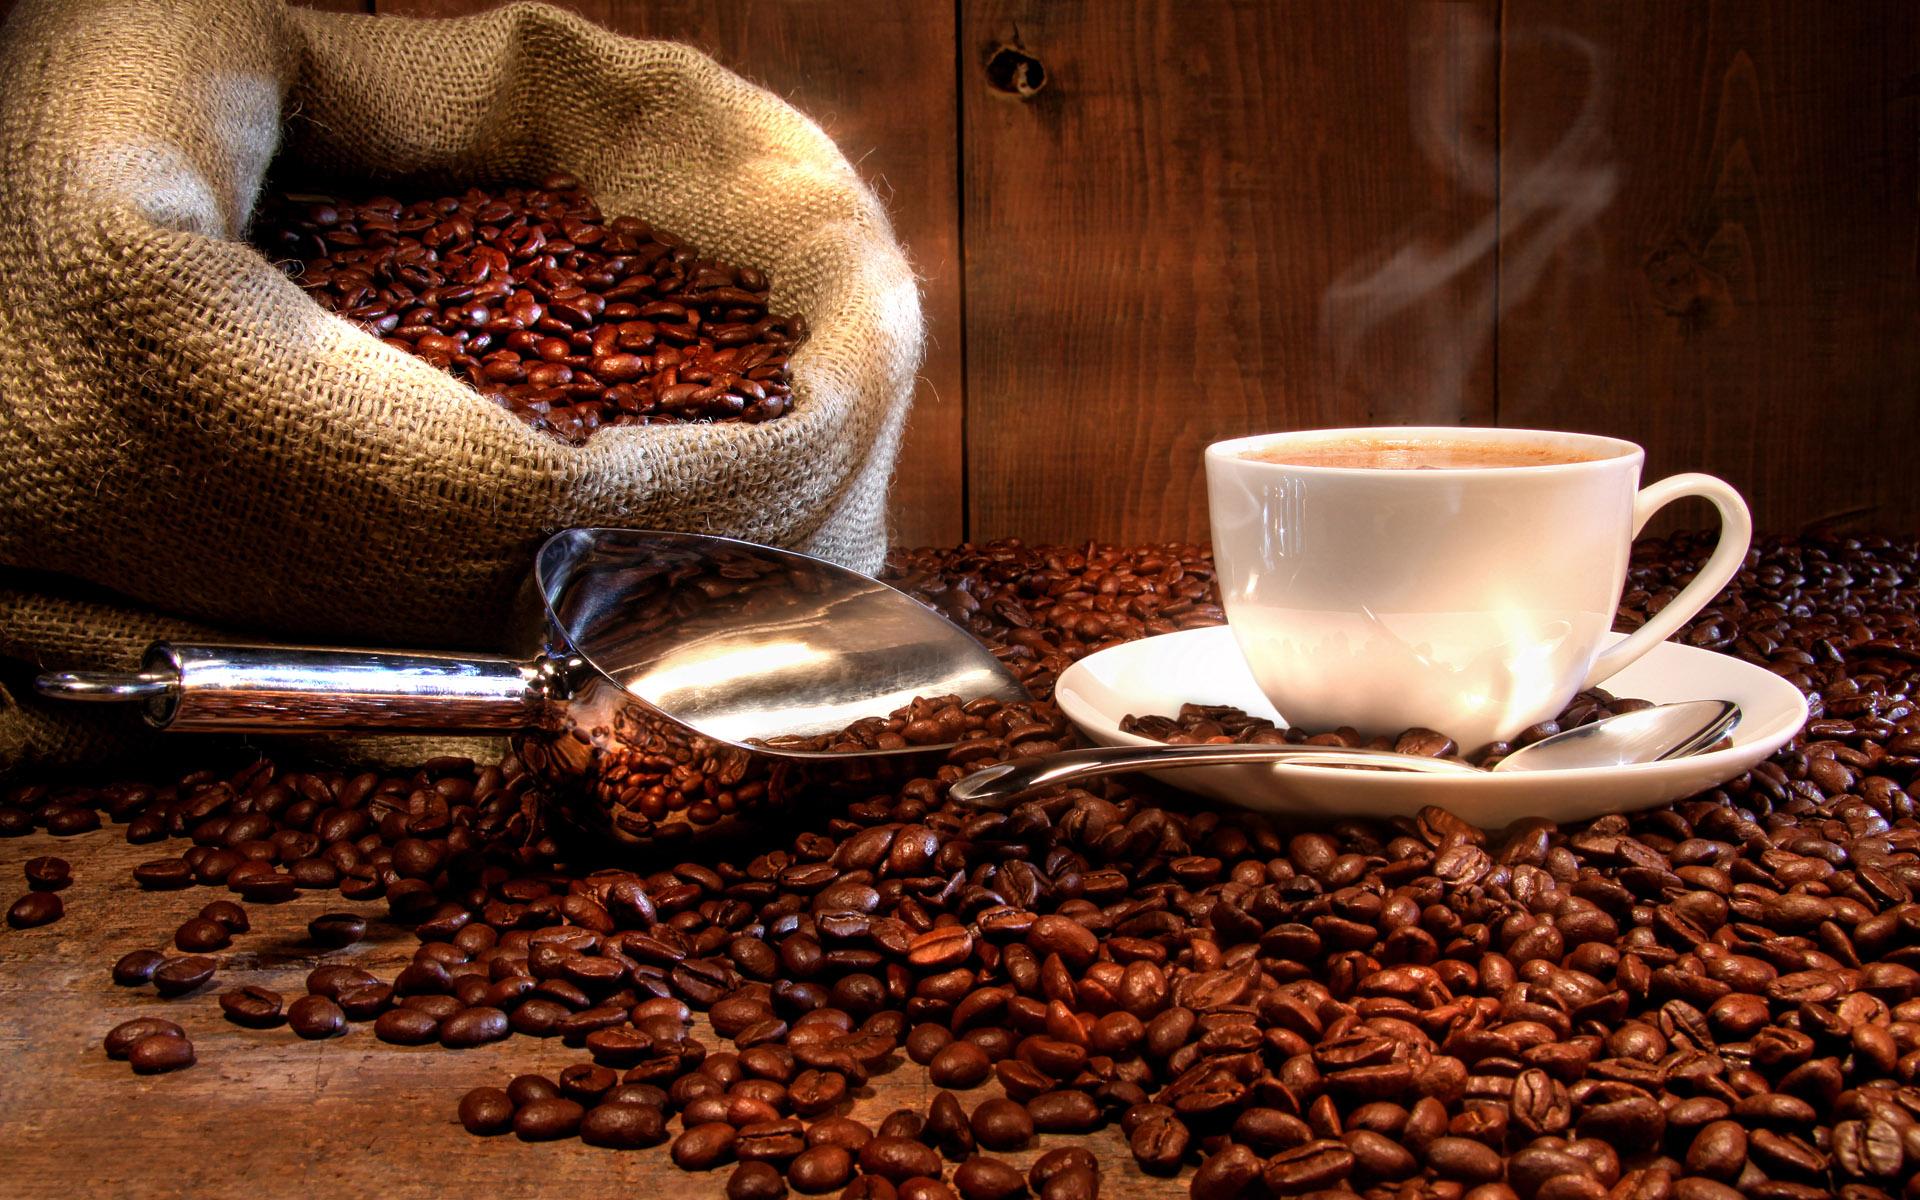 Kahvede Bulunan Kafeinin Kortizol Hormonunu Uyarıcı Etkisi Vardır